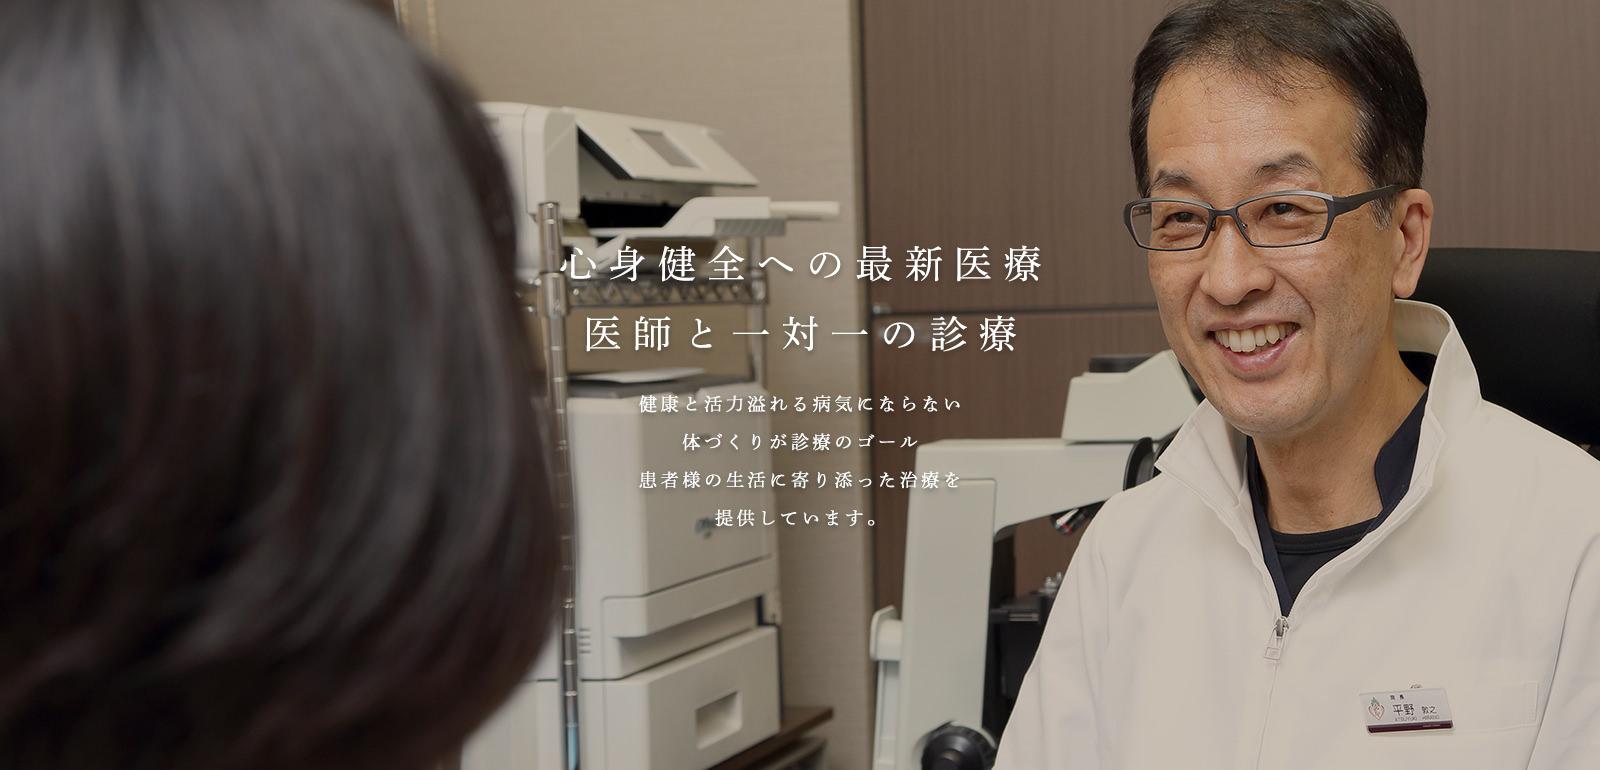 アクセス・19時までの診療JR東京駅徒歩3分八重洲地下街の22番出口をでてすぐ